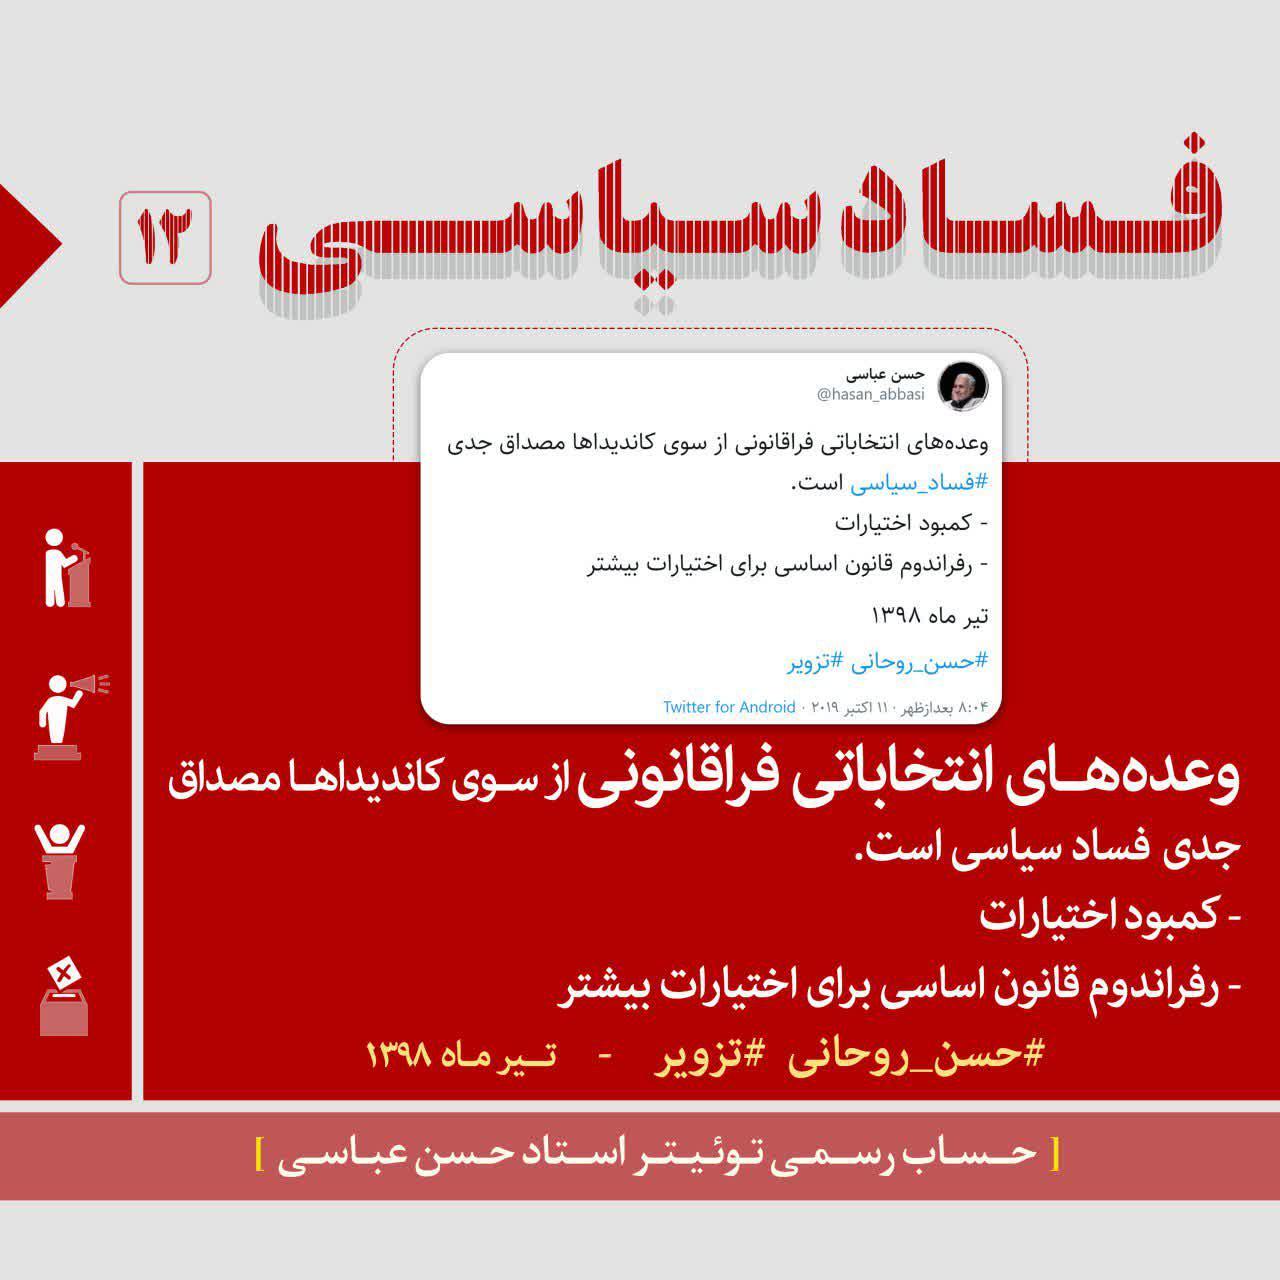 http://dl-abbasi.ir/yekta/1398/Graphic/F_S/Fesad%20Siyasi%20(12).jpg